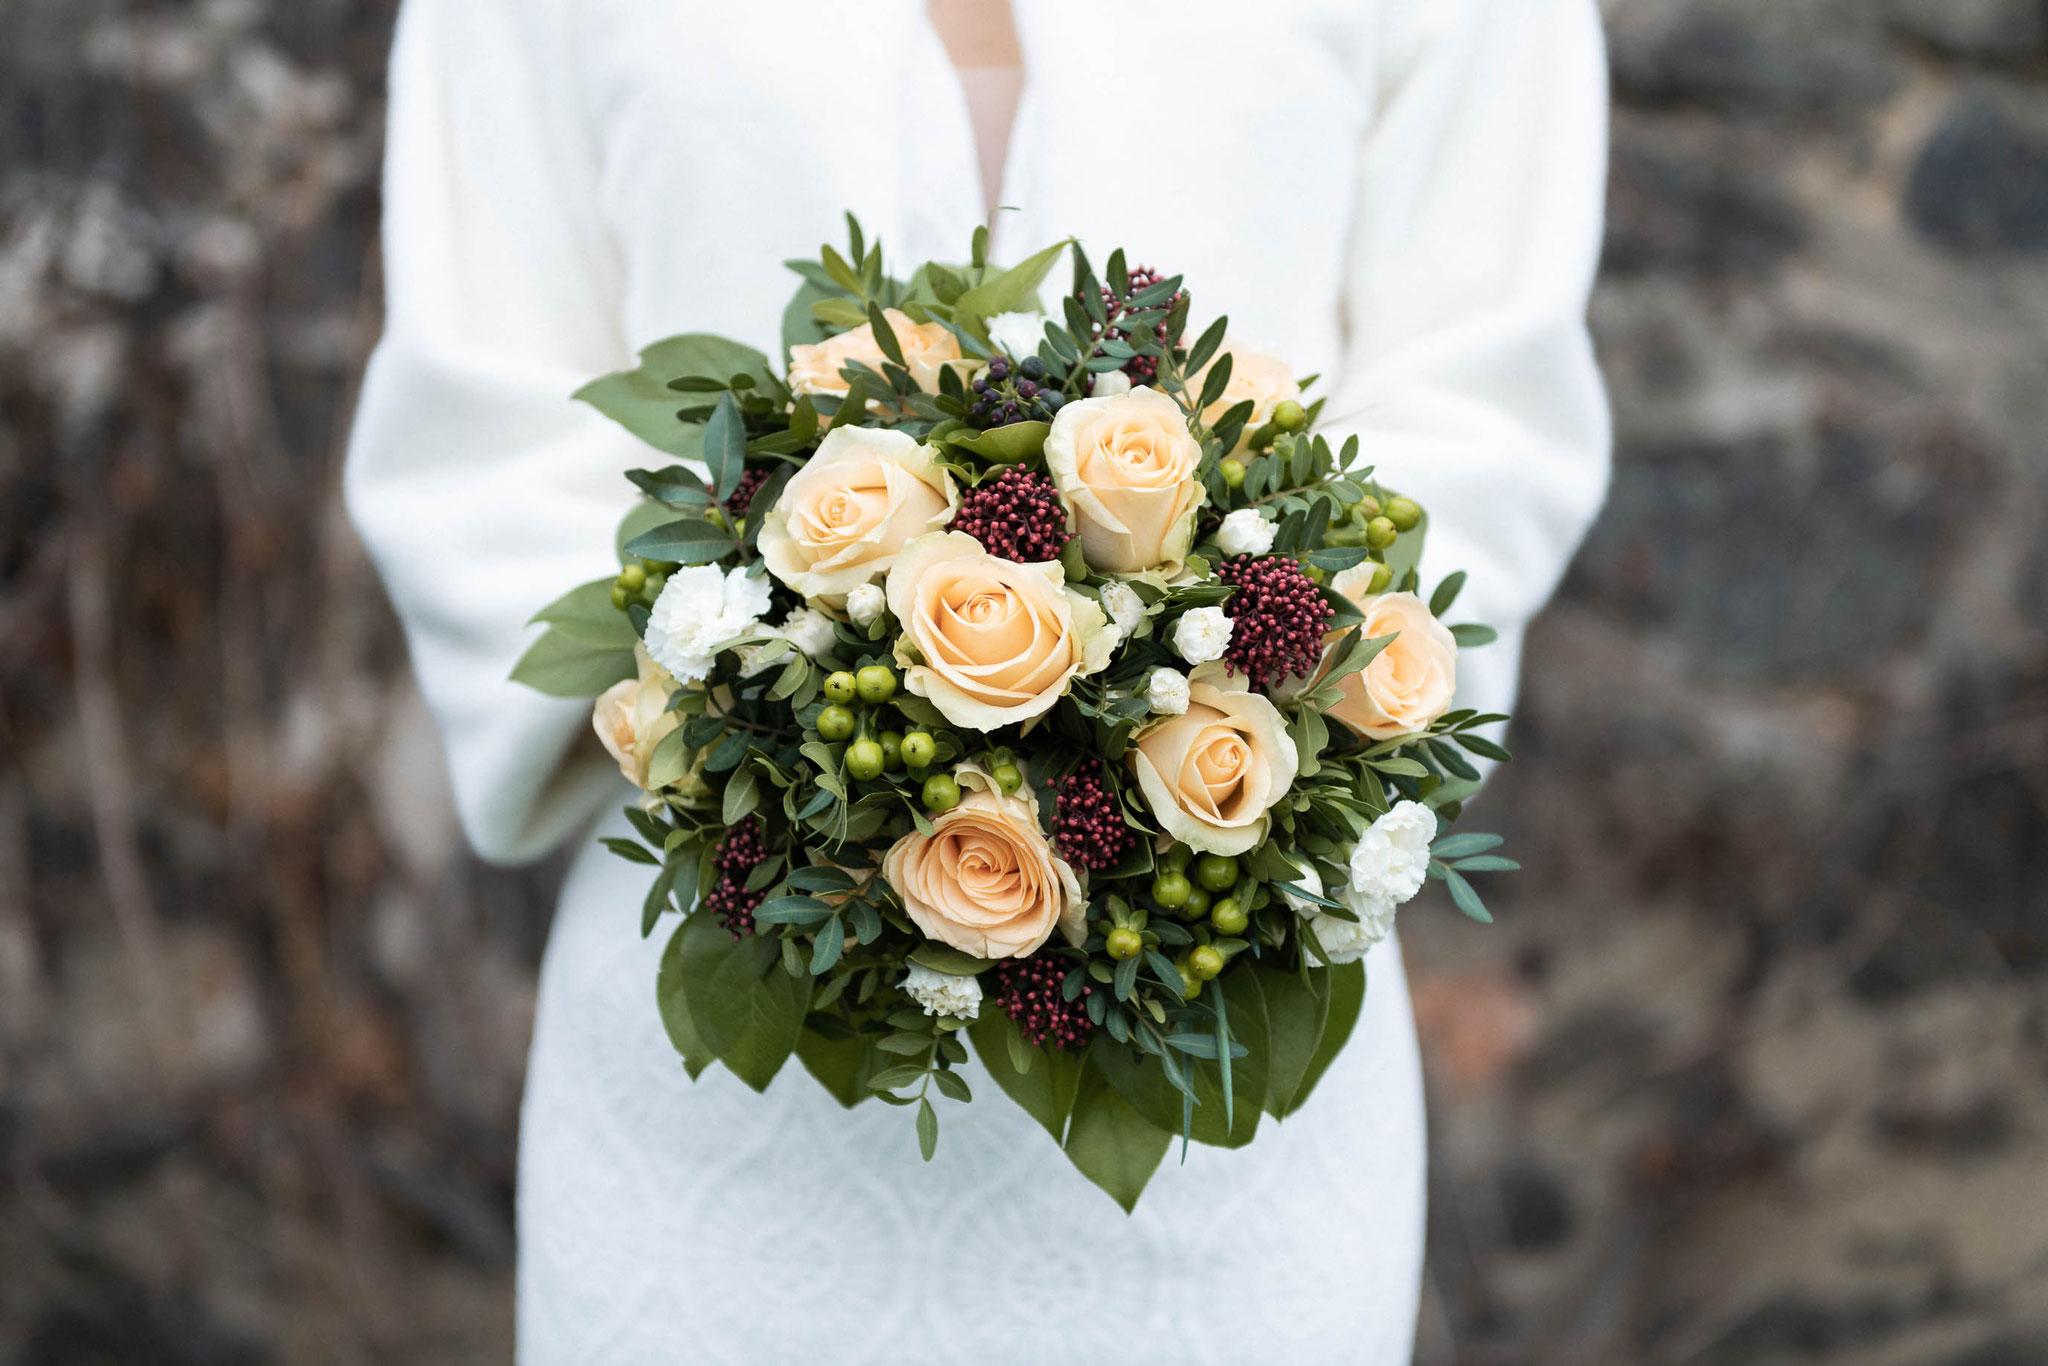 Hochzeitsstrauß oder Brautstrauß aufgenommen mit Nikkor Teleobjektiv 24-70 mm